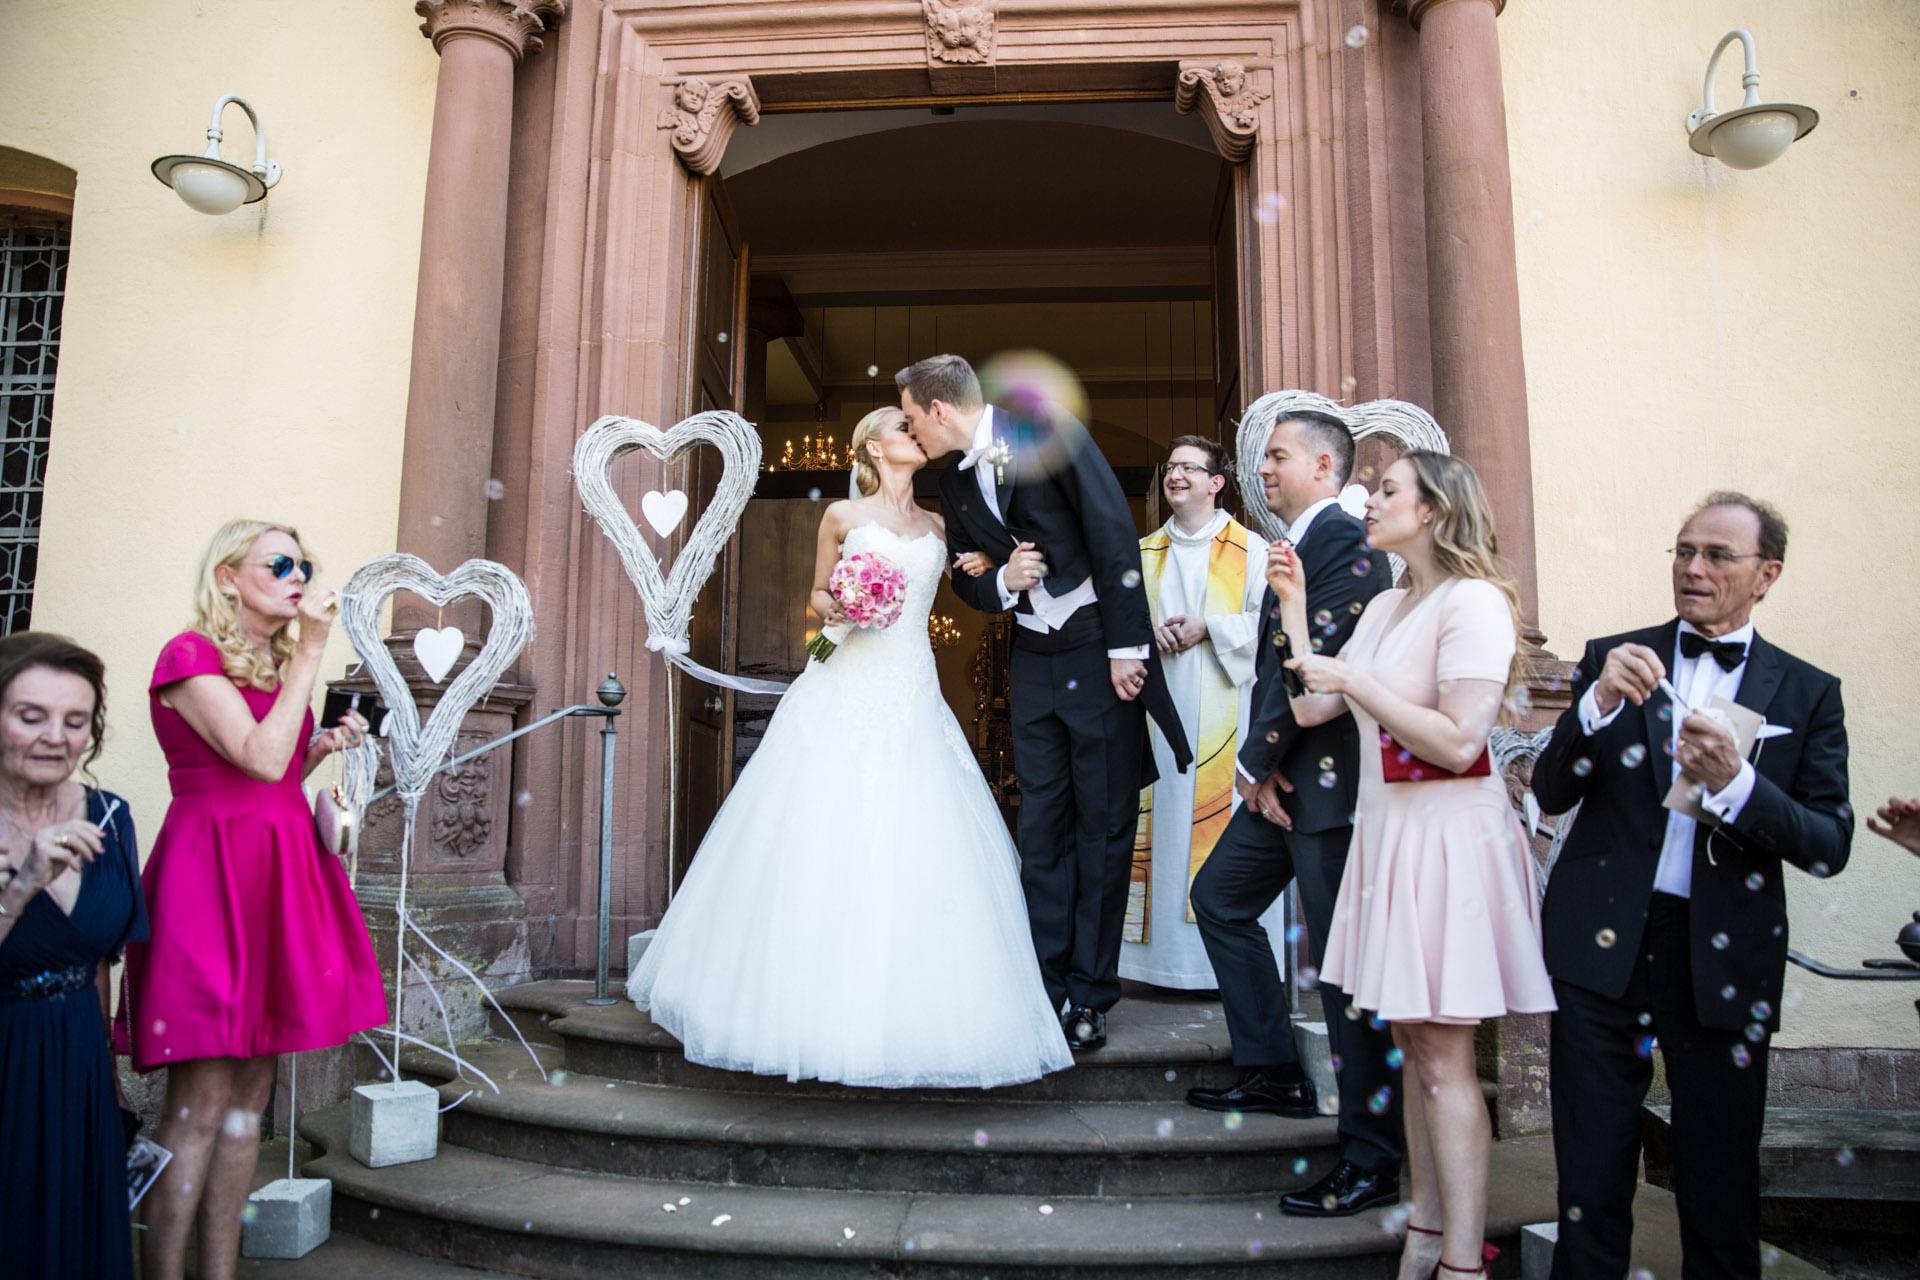 """<img src=""""hochzeitsfoto_vor_kirche.jpg"""" alt=""""hochzeitsfoto vor kirche küsst sich das brautpaar>"""